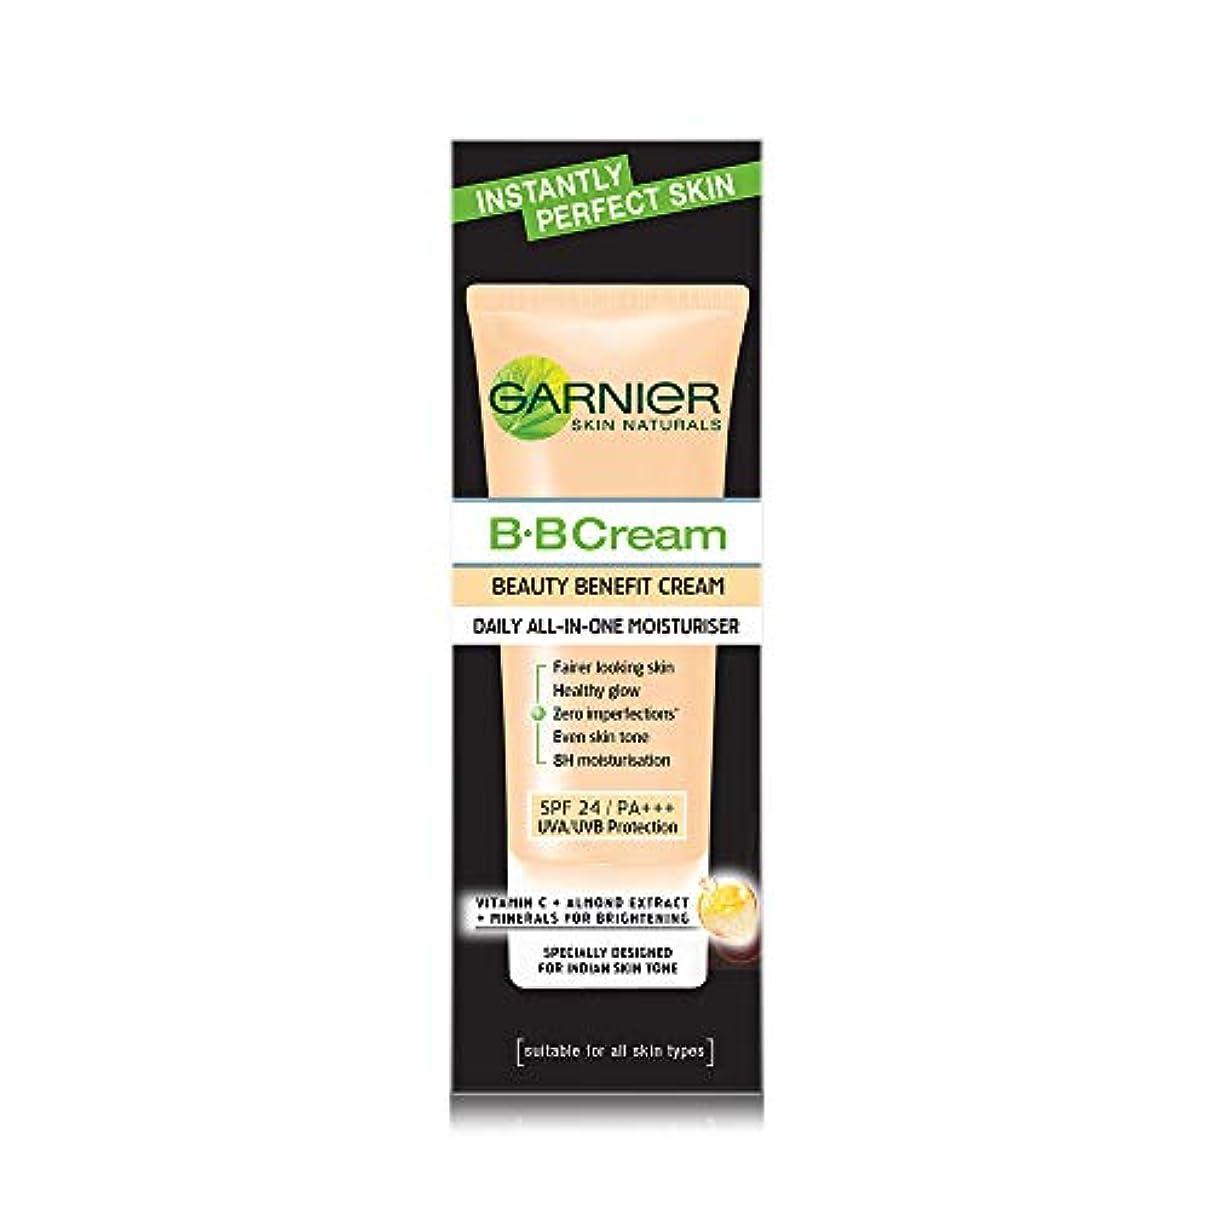 バンク無限大ボーナスGarnier Skin Naturals Instantly Perfect Skin Perfector BB Cream, 30g